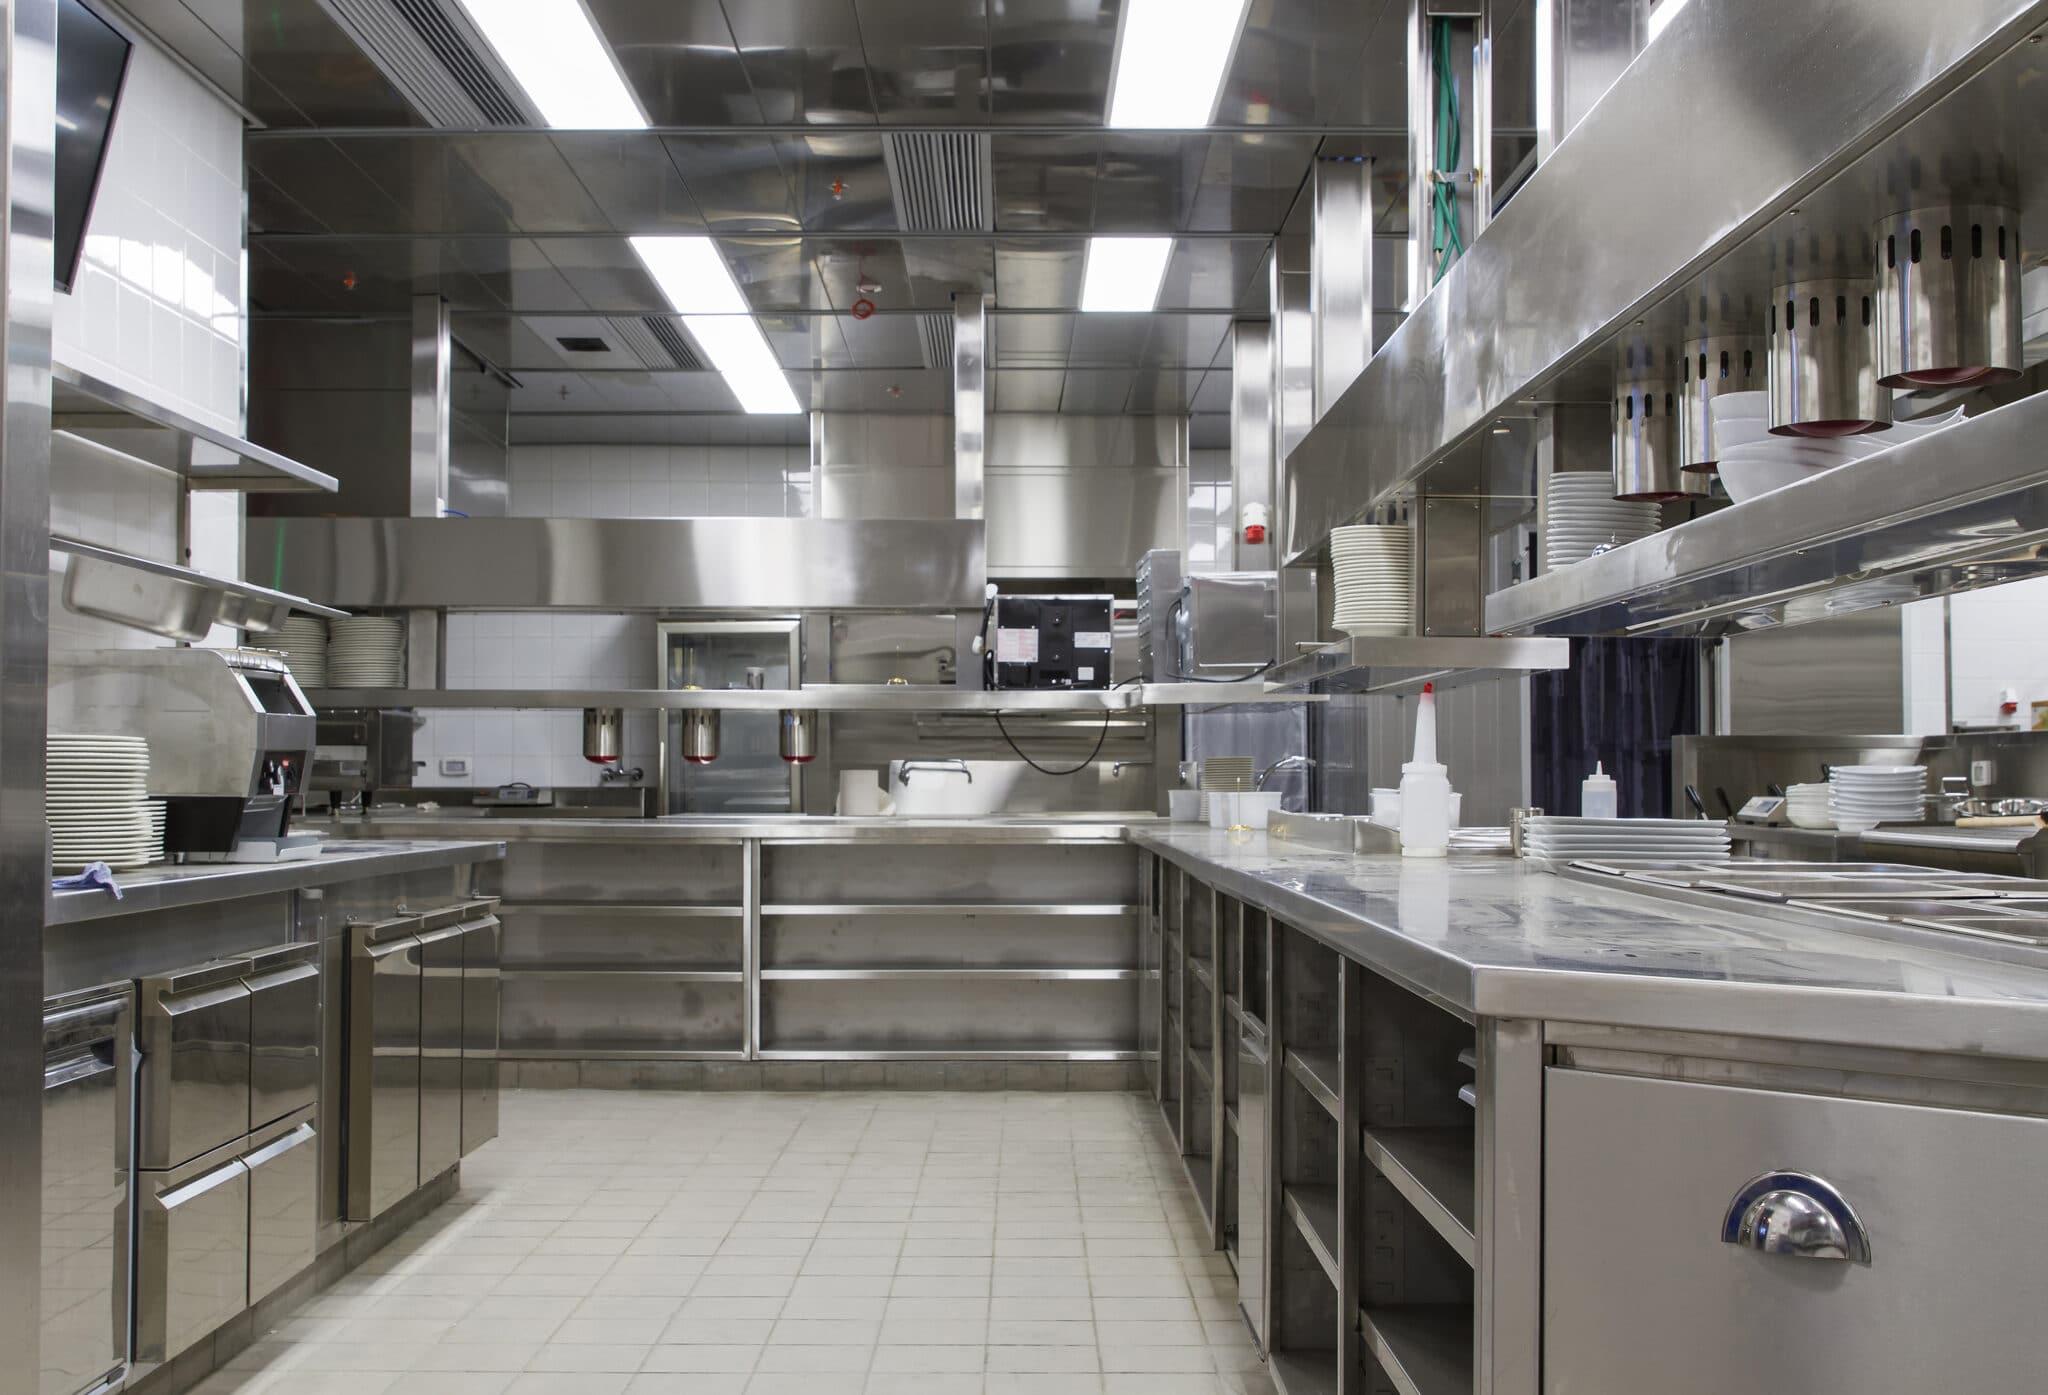 מטבחים מעץ מבצעי התקנת המטבחים בעלי הבחנה מקצועית עם מתן אחריות לעבודתם שיודעים לתת אחריות מלאה לעבודתם בד בבד התקנת חיבור גז תיקני במטבח